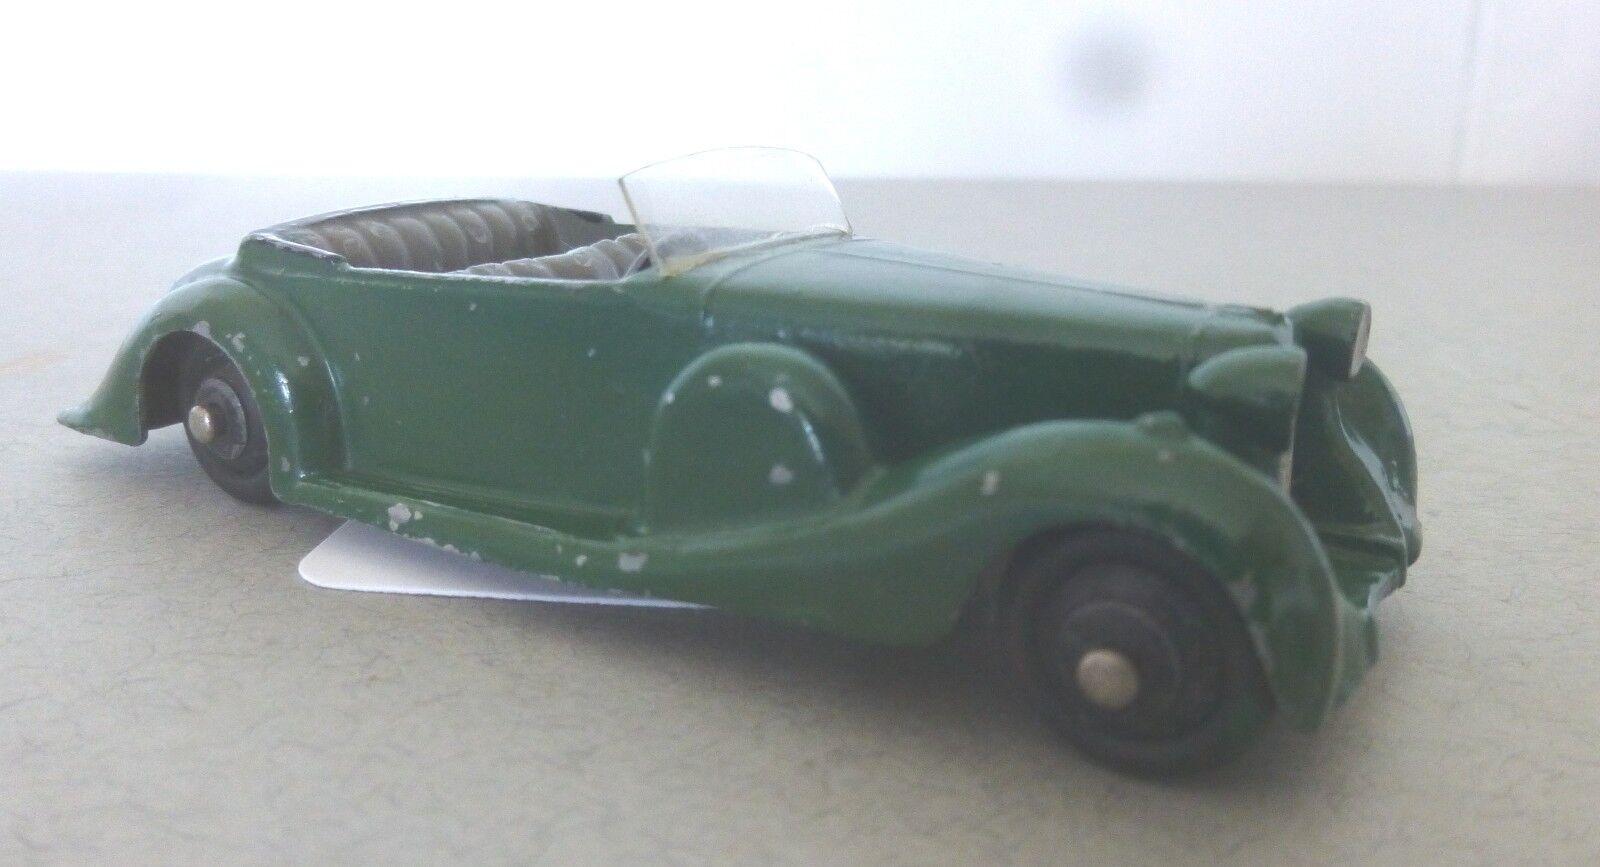 Dinky Toys Toys Toys versión preliminar del coche deportivo Lagonda Open tourer década de 1940 Dinky Toys 822411